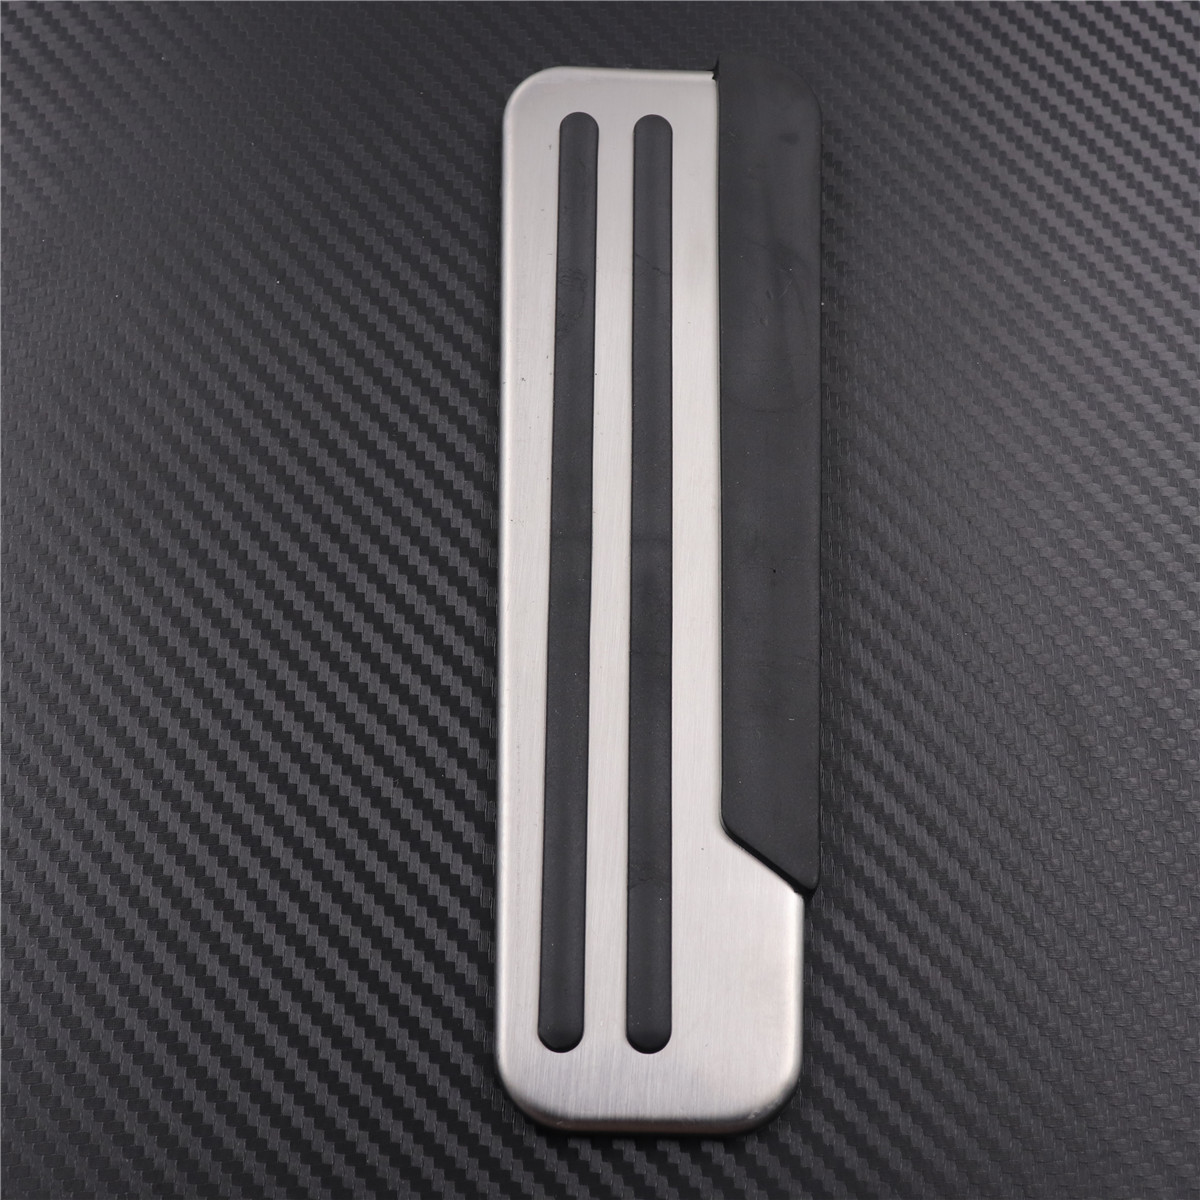 TTCR-II автомобильный акселератор газ ножной упор Модифицированная педаль Накладка для Nissan TEANA Qashqai X-trail 2010-2013 ремонт украшения Аксессуары